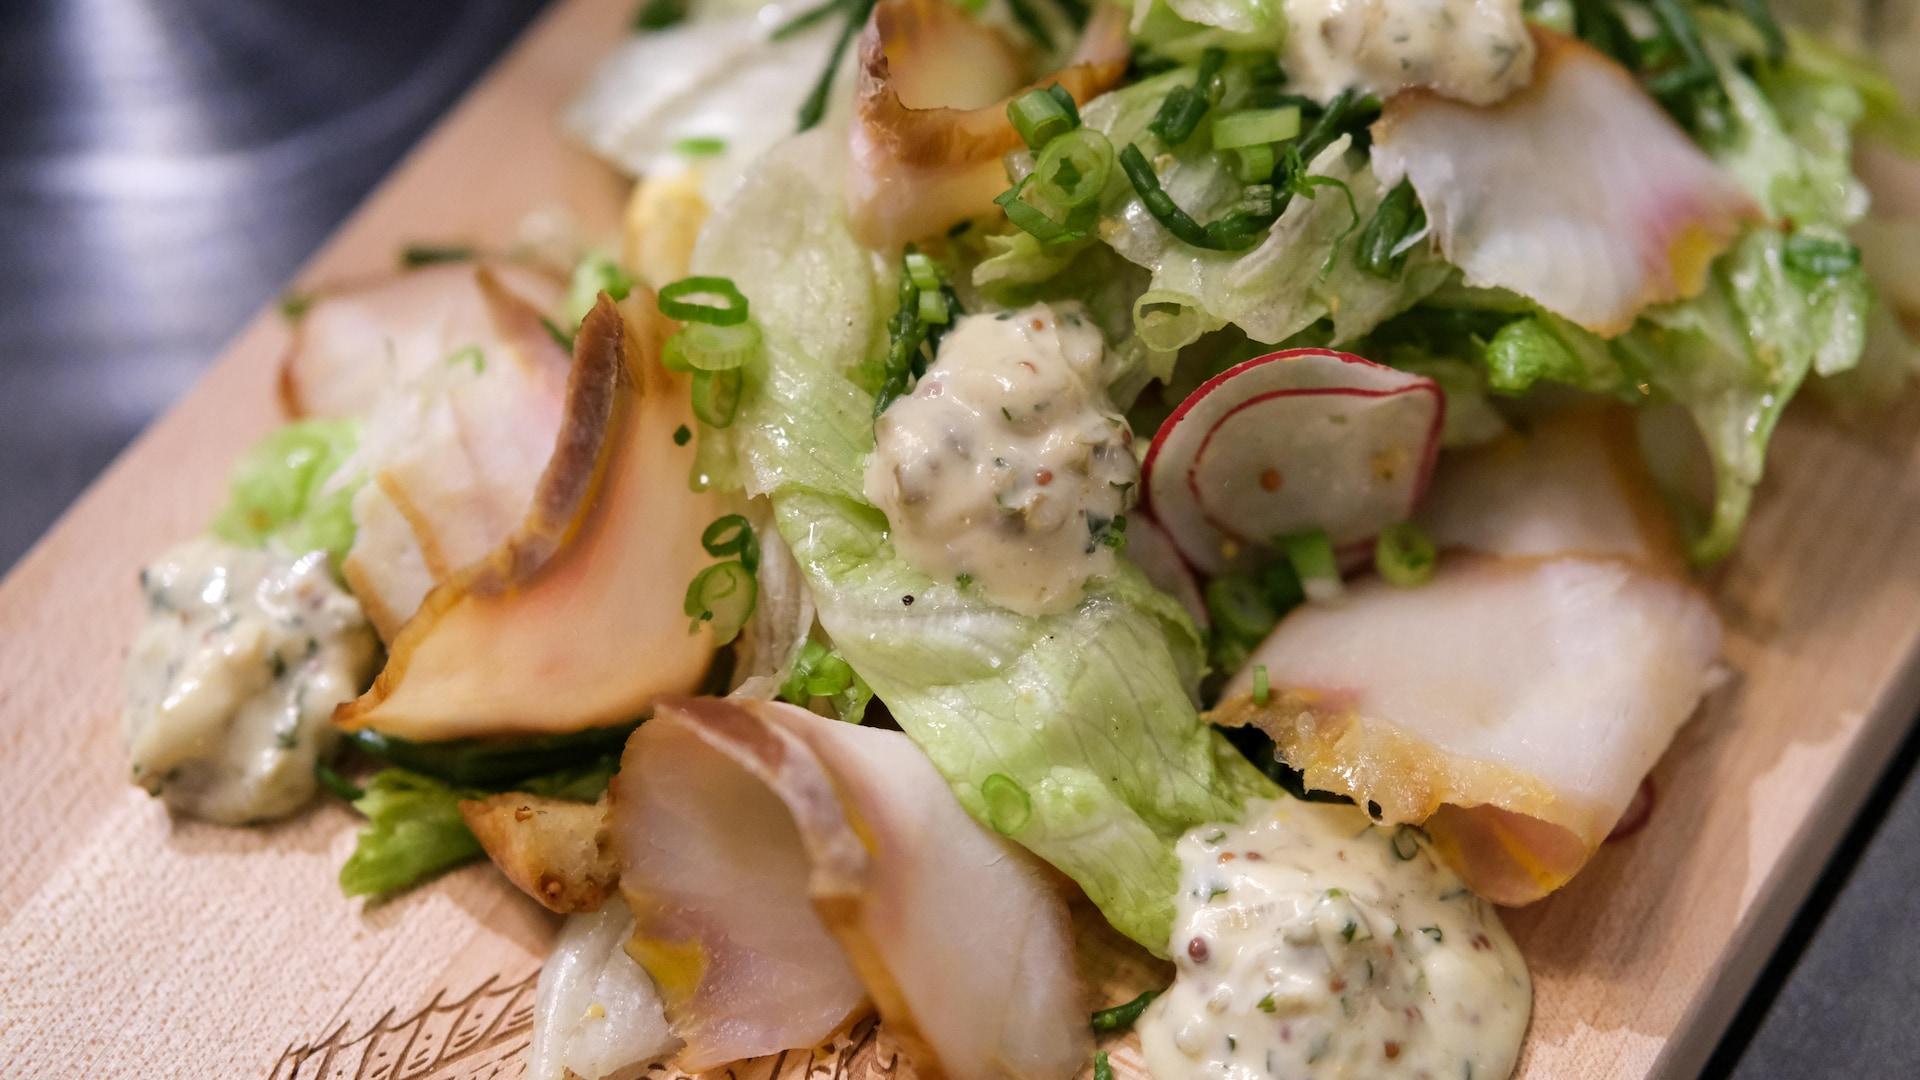 L'entrée d'esturgeon noir fumé de la brasserie Les mordus avec laitue iceberg, radis, salicorne et sauce gribiche.